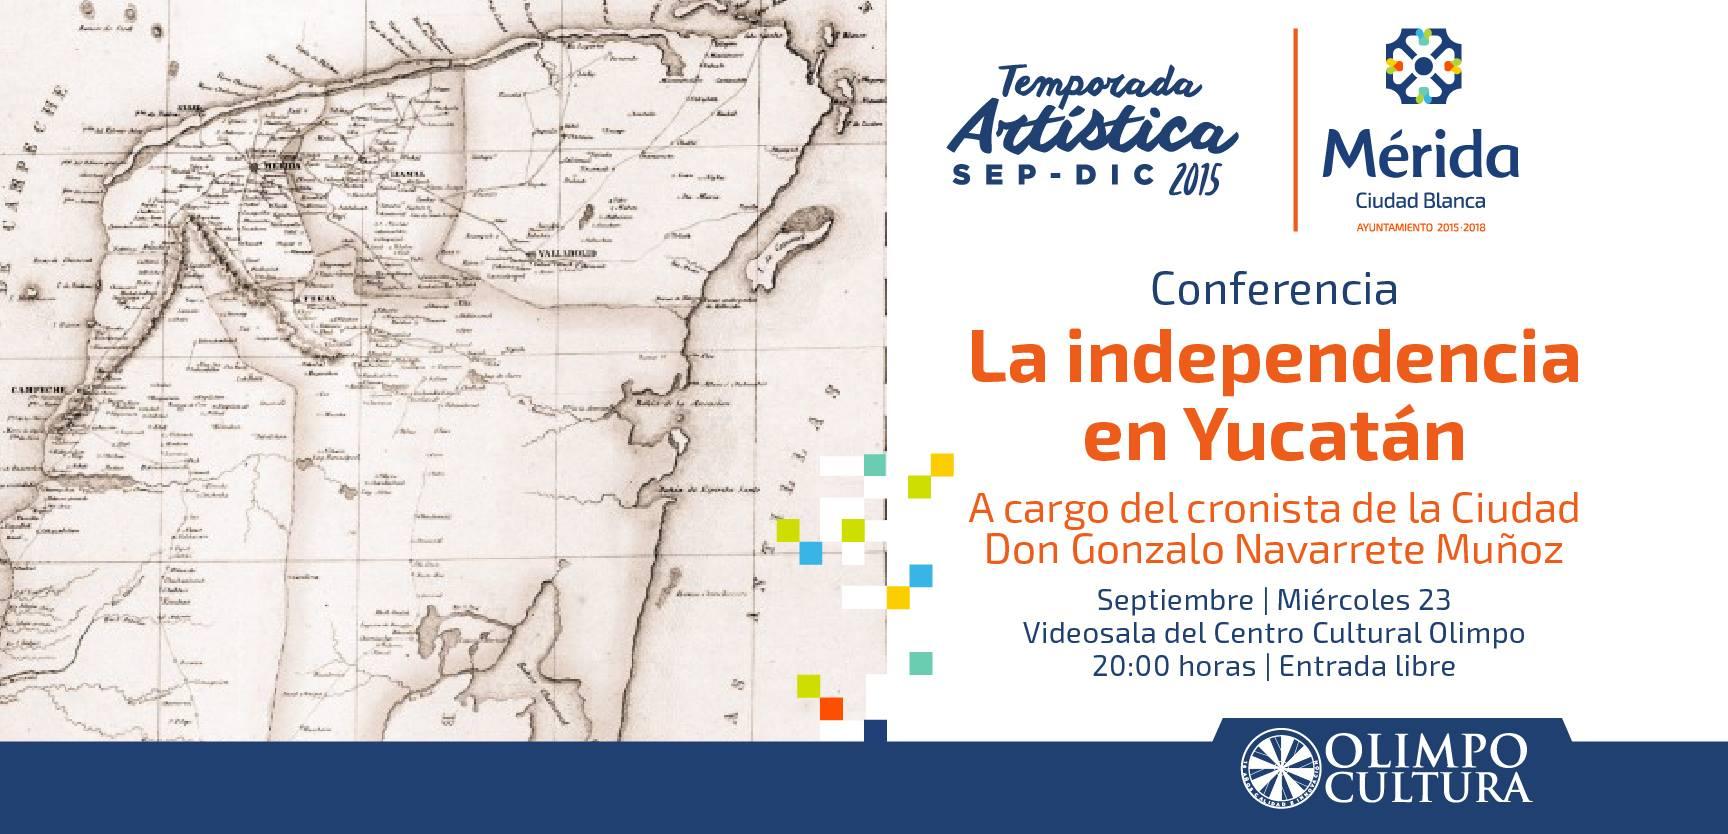 CONFERENCIA: LA INDEPENDENCIA EN YUCATÁN